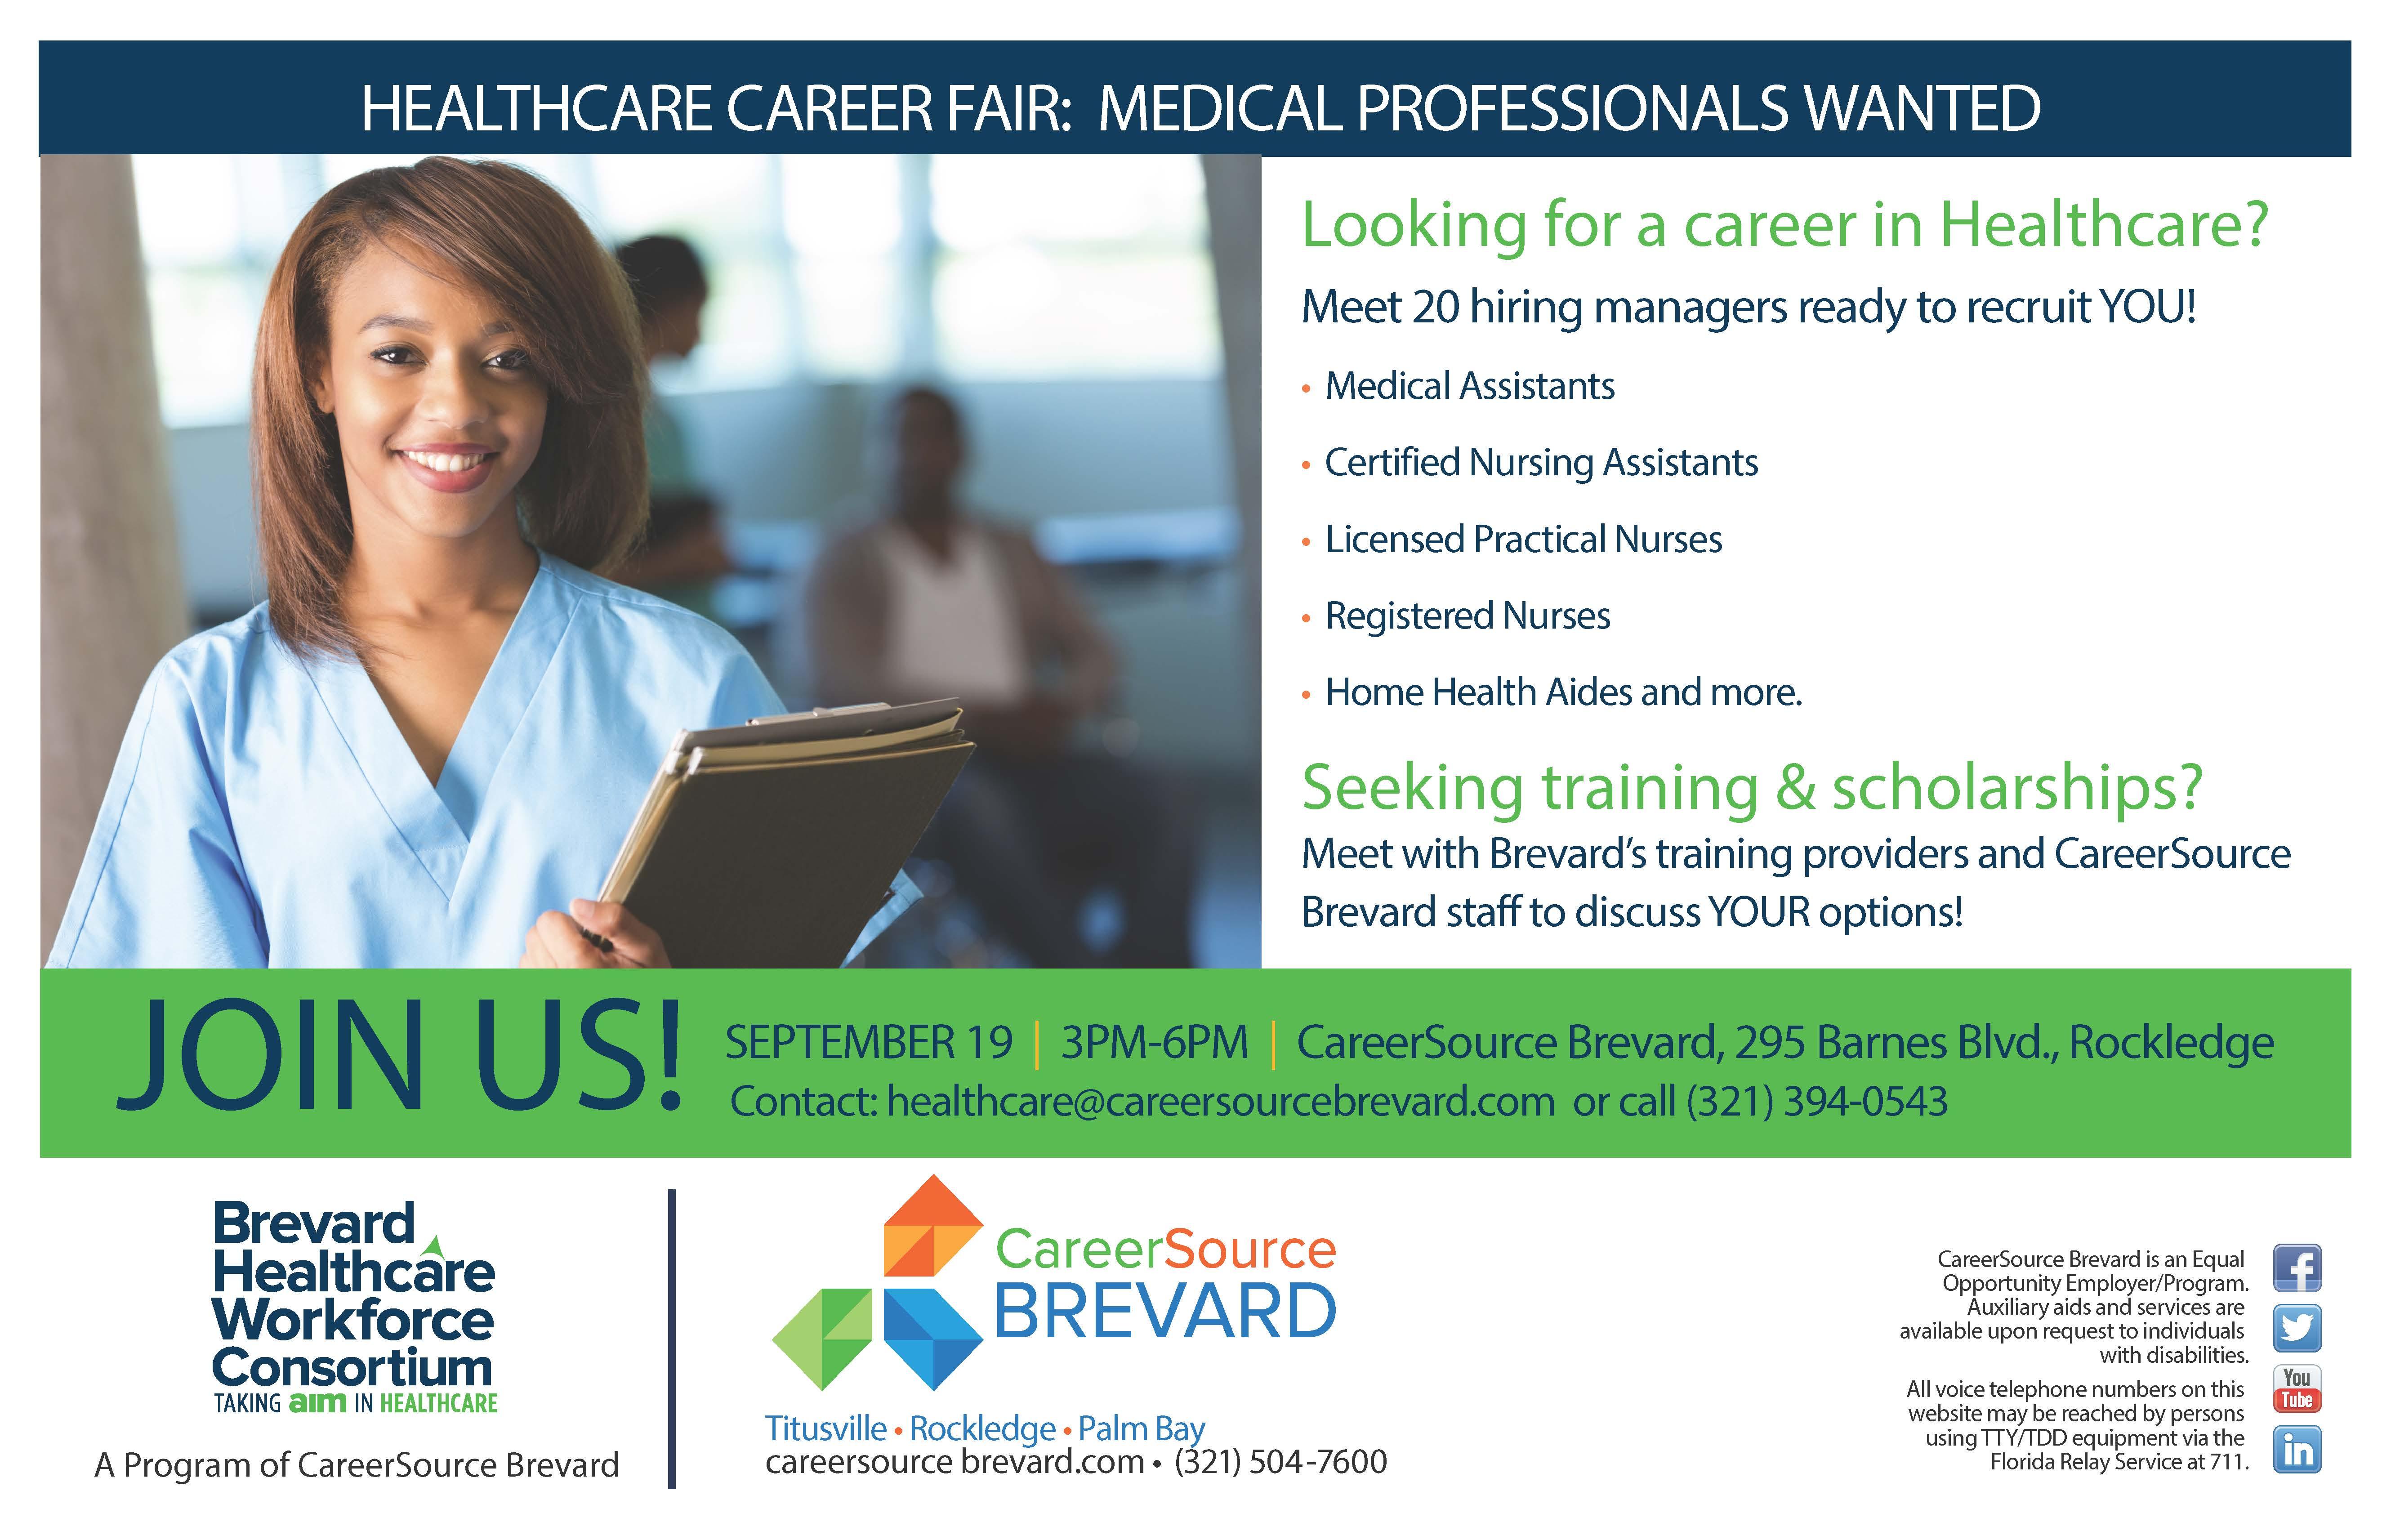 healthcare career fair titusville fl chamber of commercehealthcare career fair